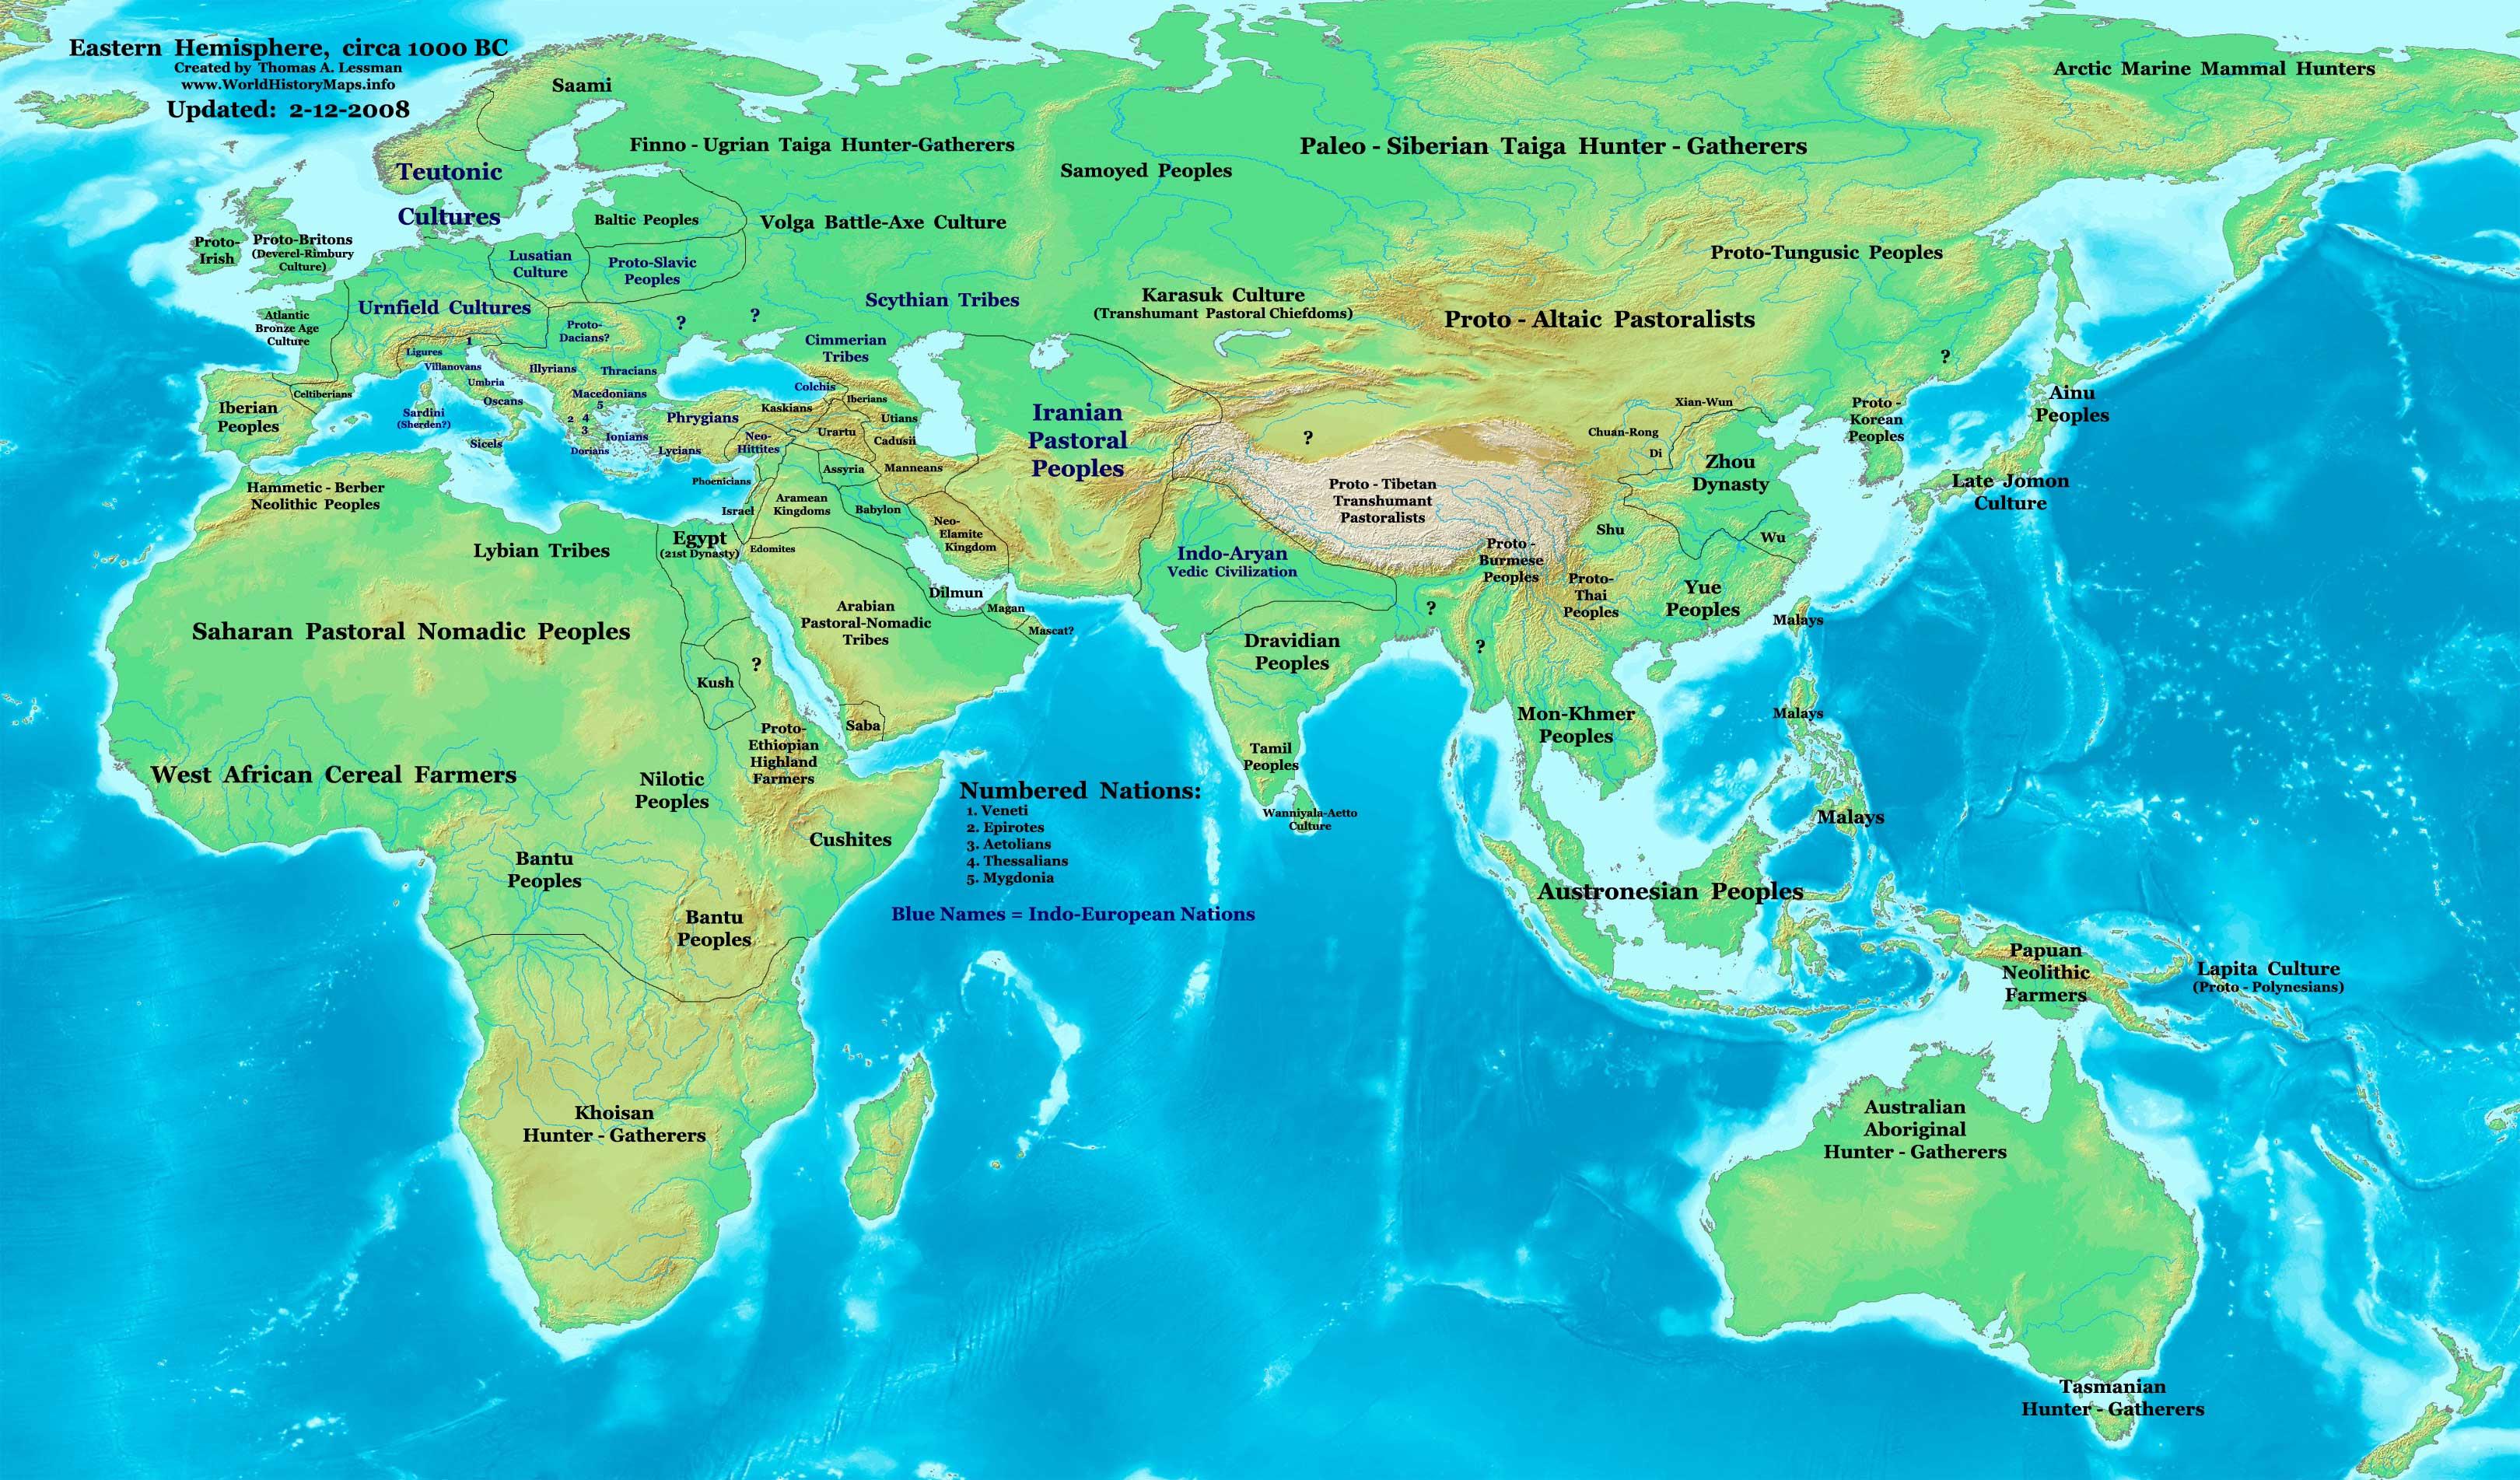 http://worldhistorymaps.info/images/East-Hem_1000bc.jpg